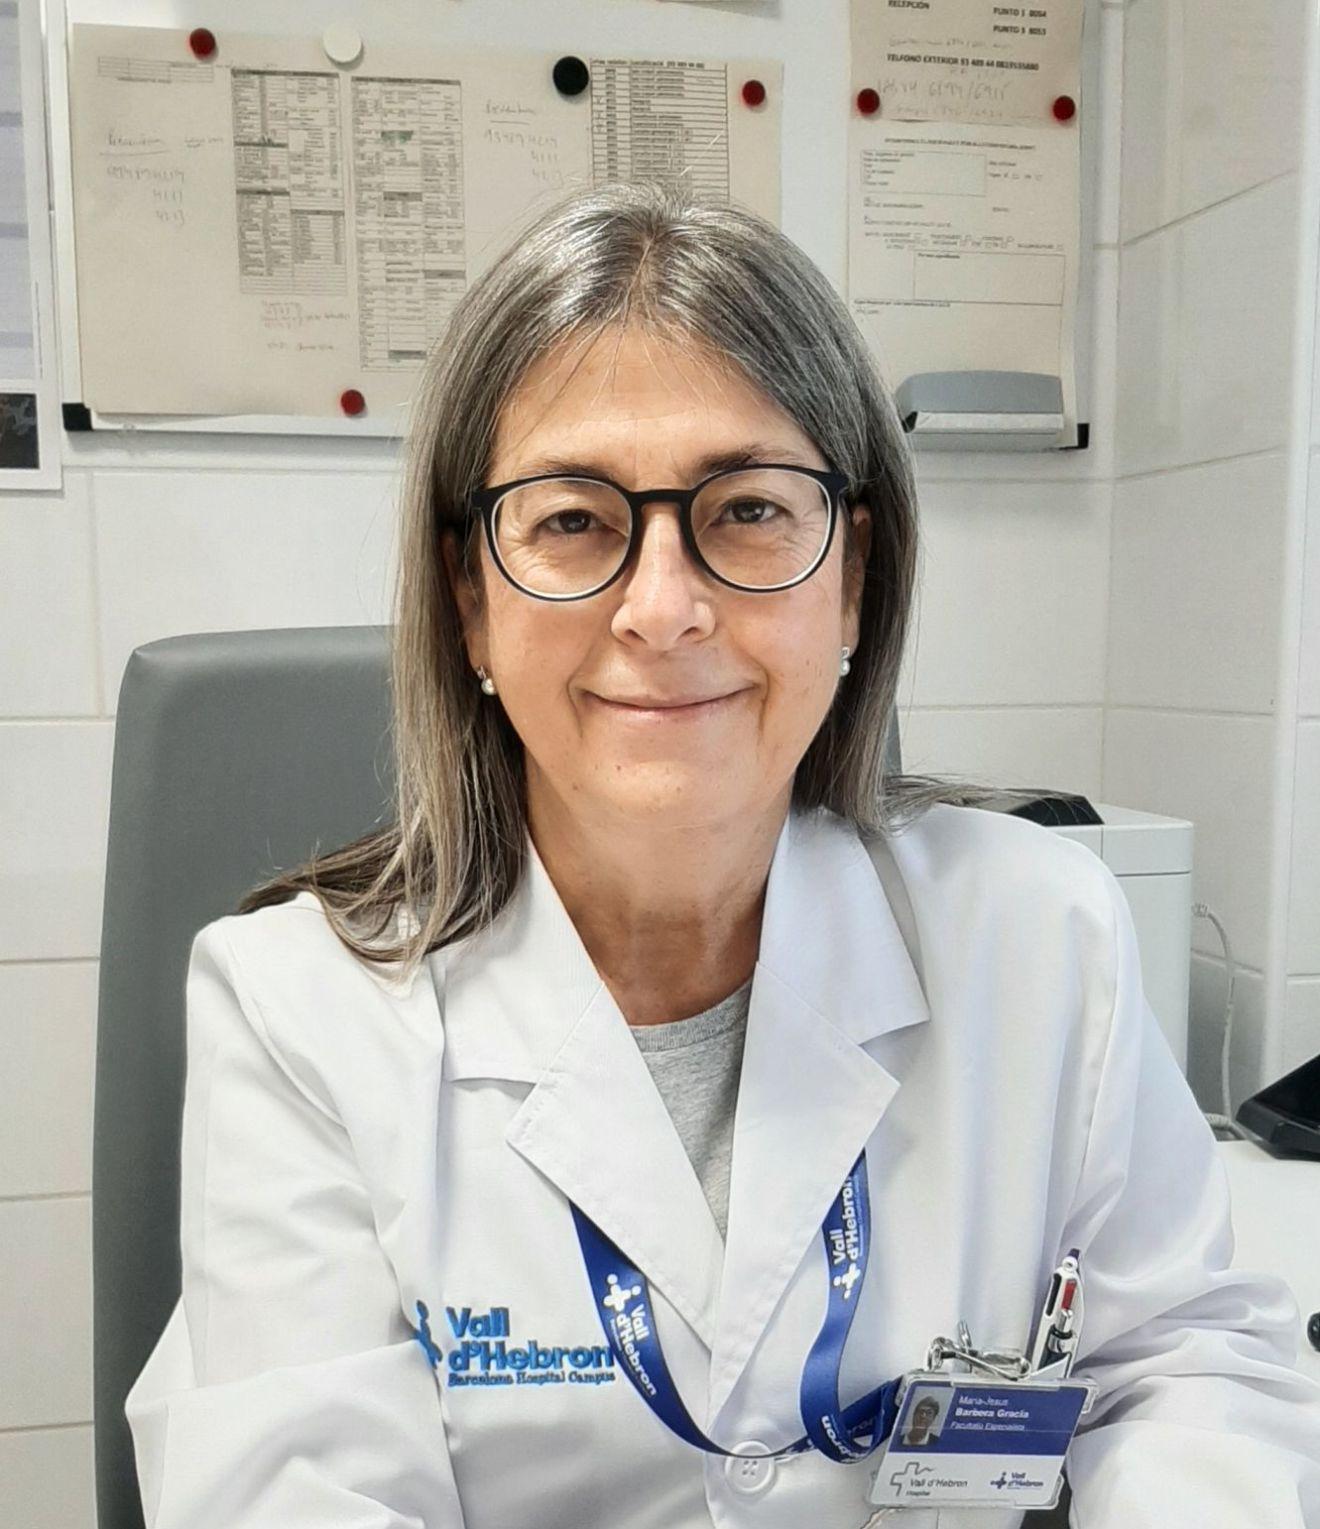 Entrevista a la Dra. María Jesús Barberá, coordinadora de la Unidad de ITS Drassanes-Vall d'Hebron